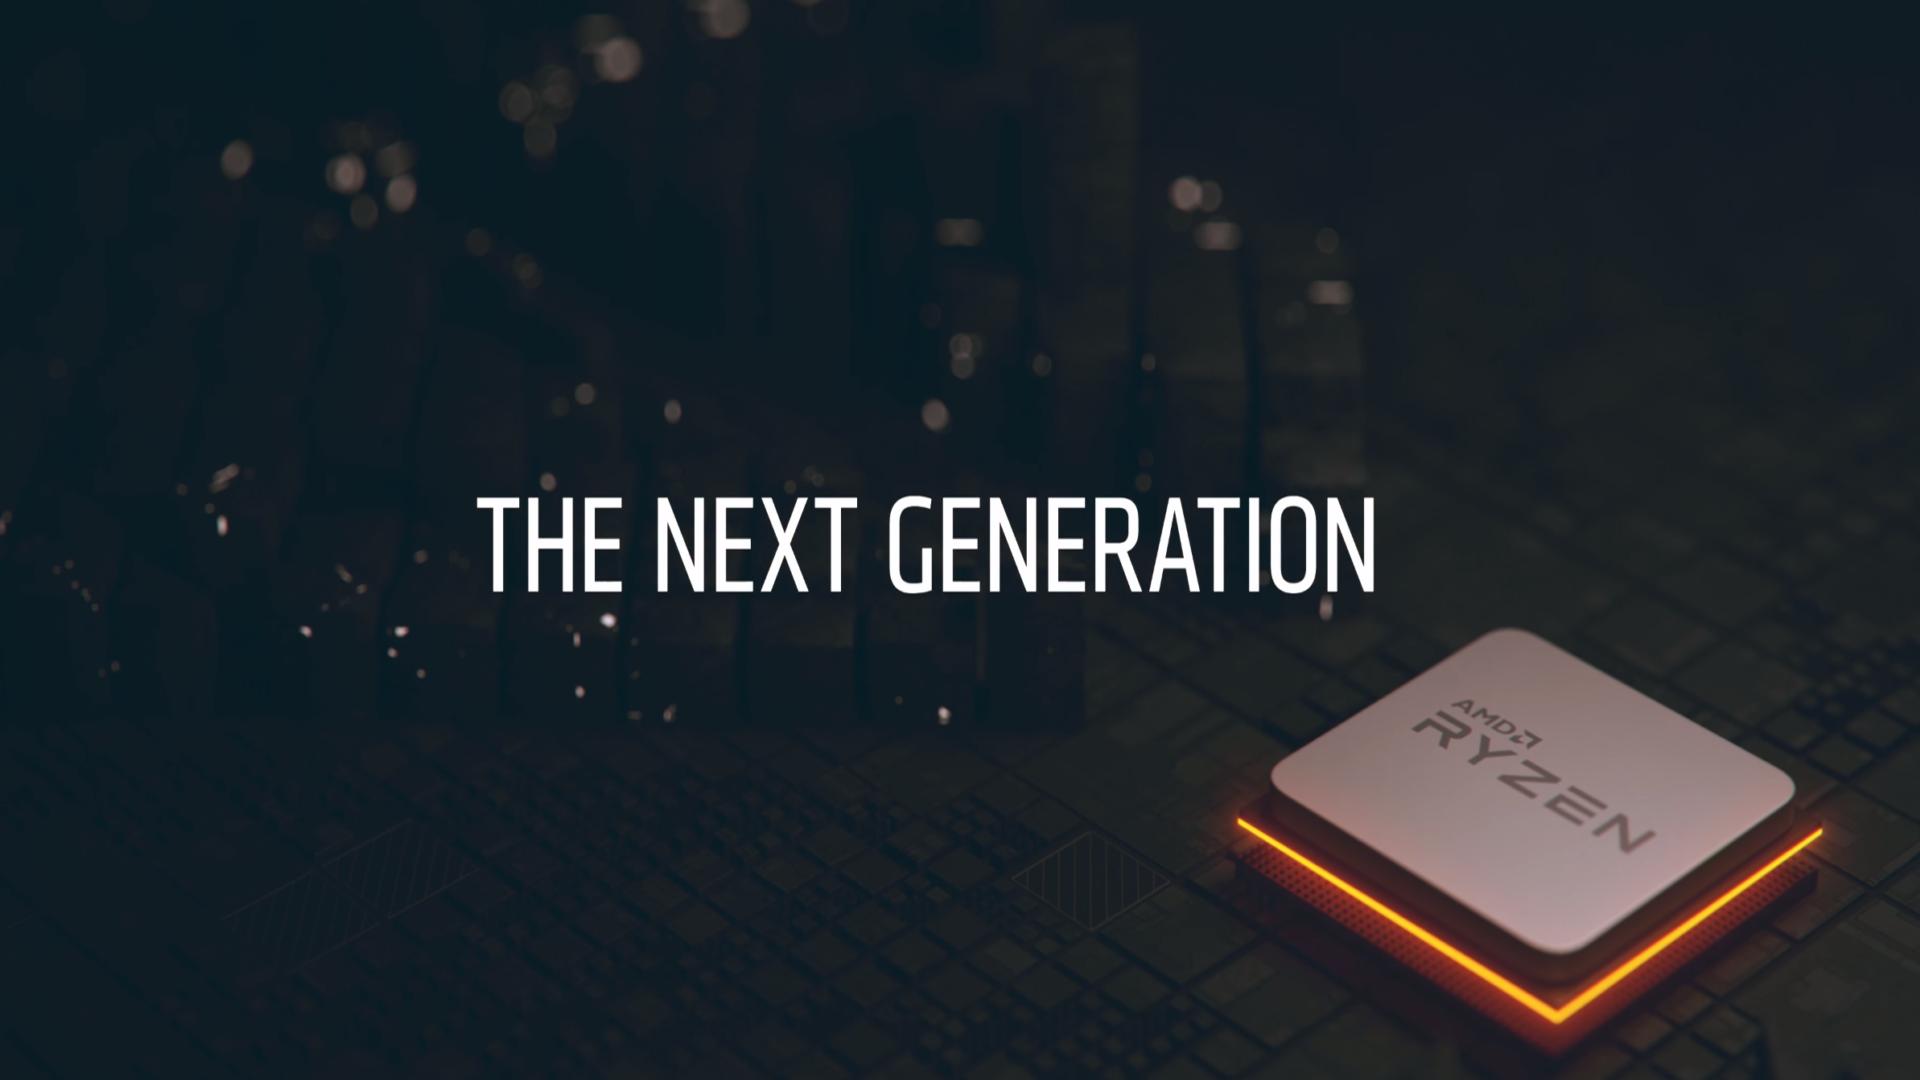 تاكد الأمر! الجيل الثالث من معالجات Ryzen سيرى النور في معرض Computex 2019